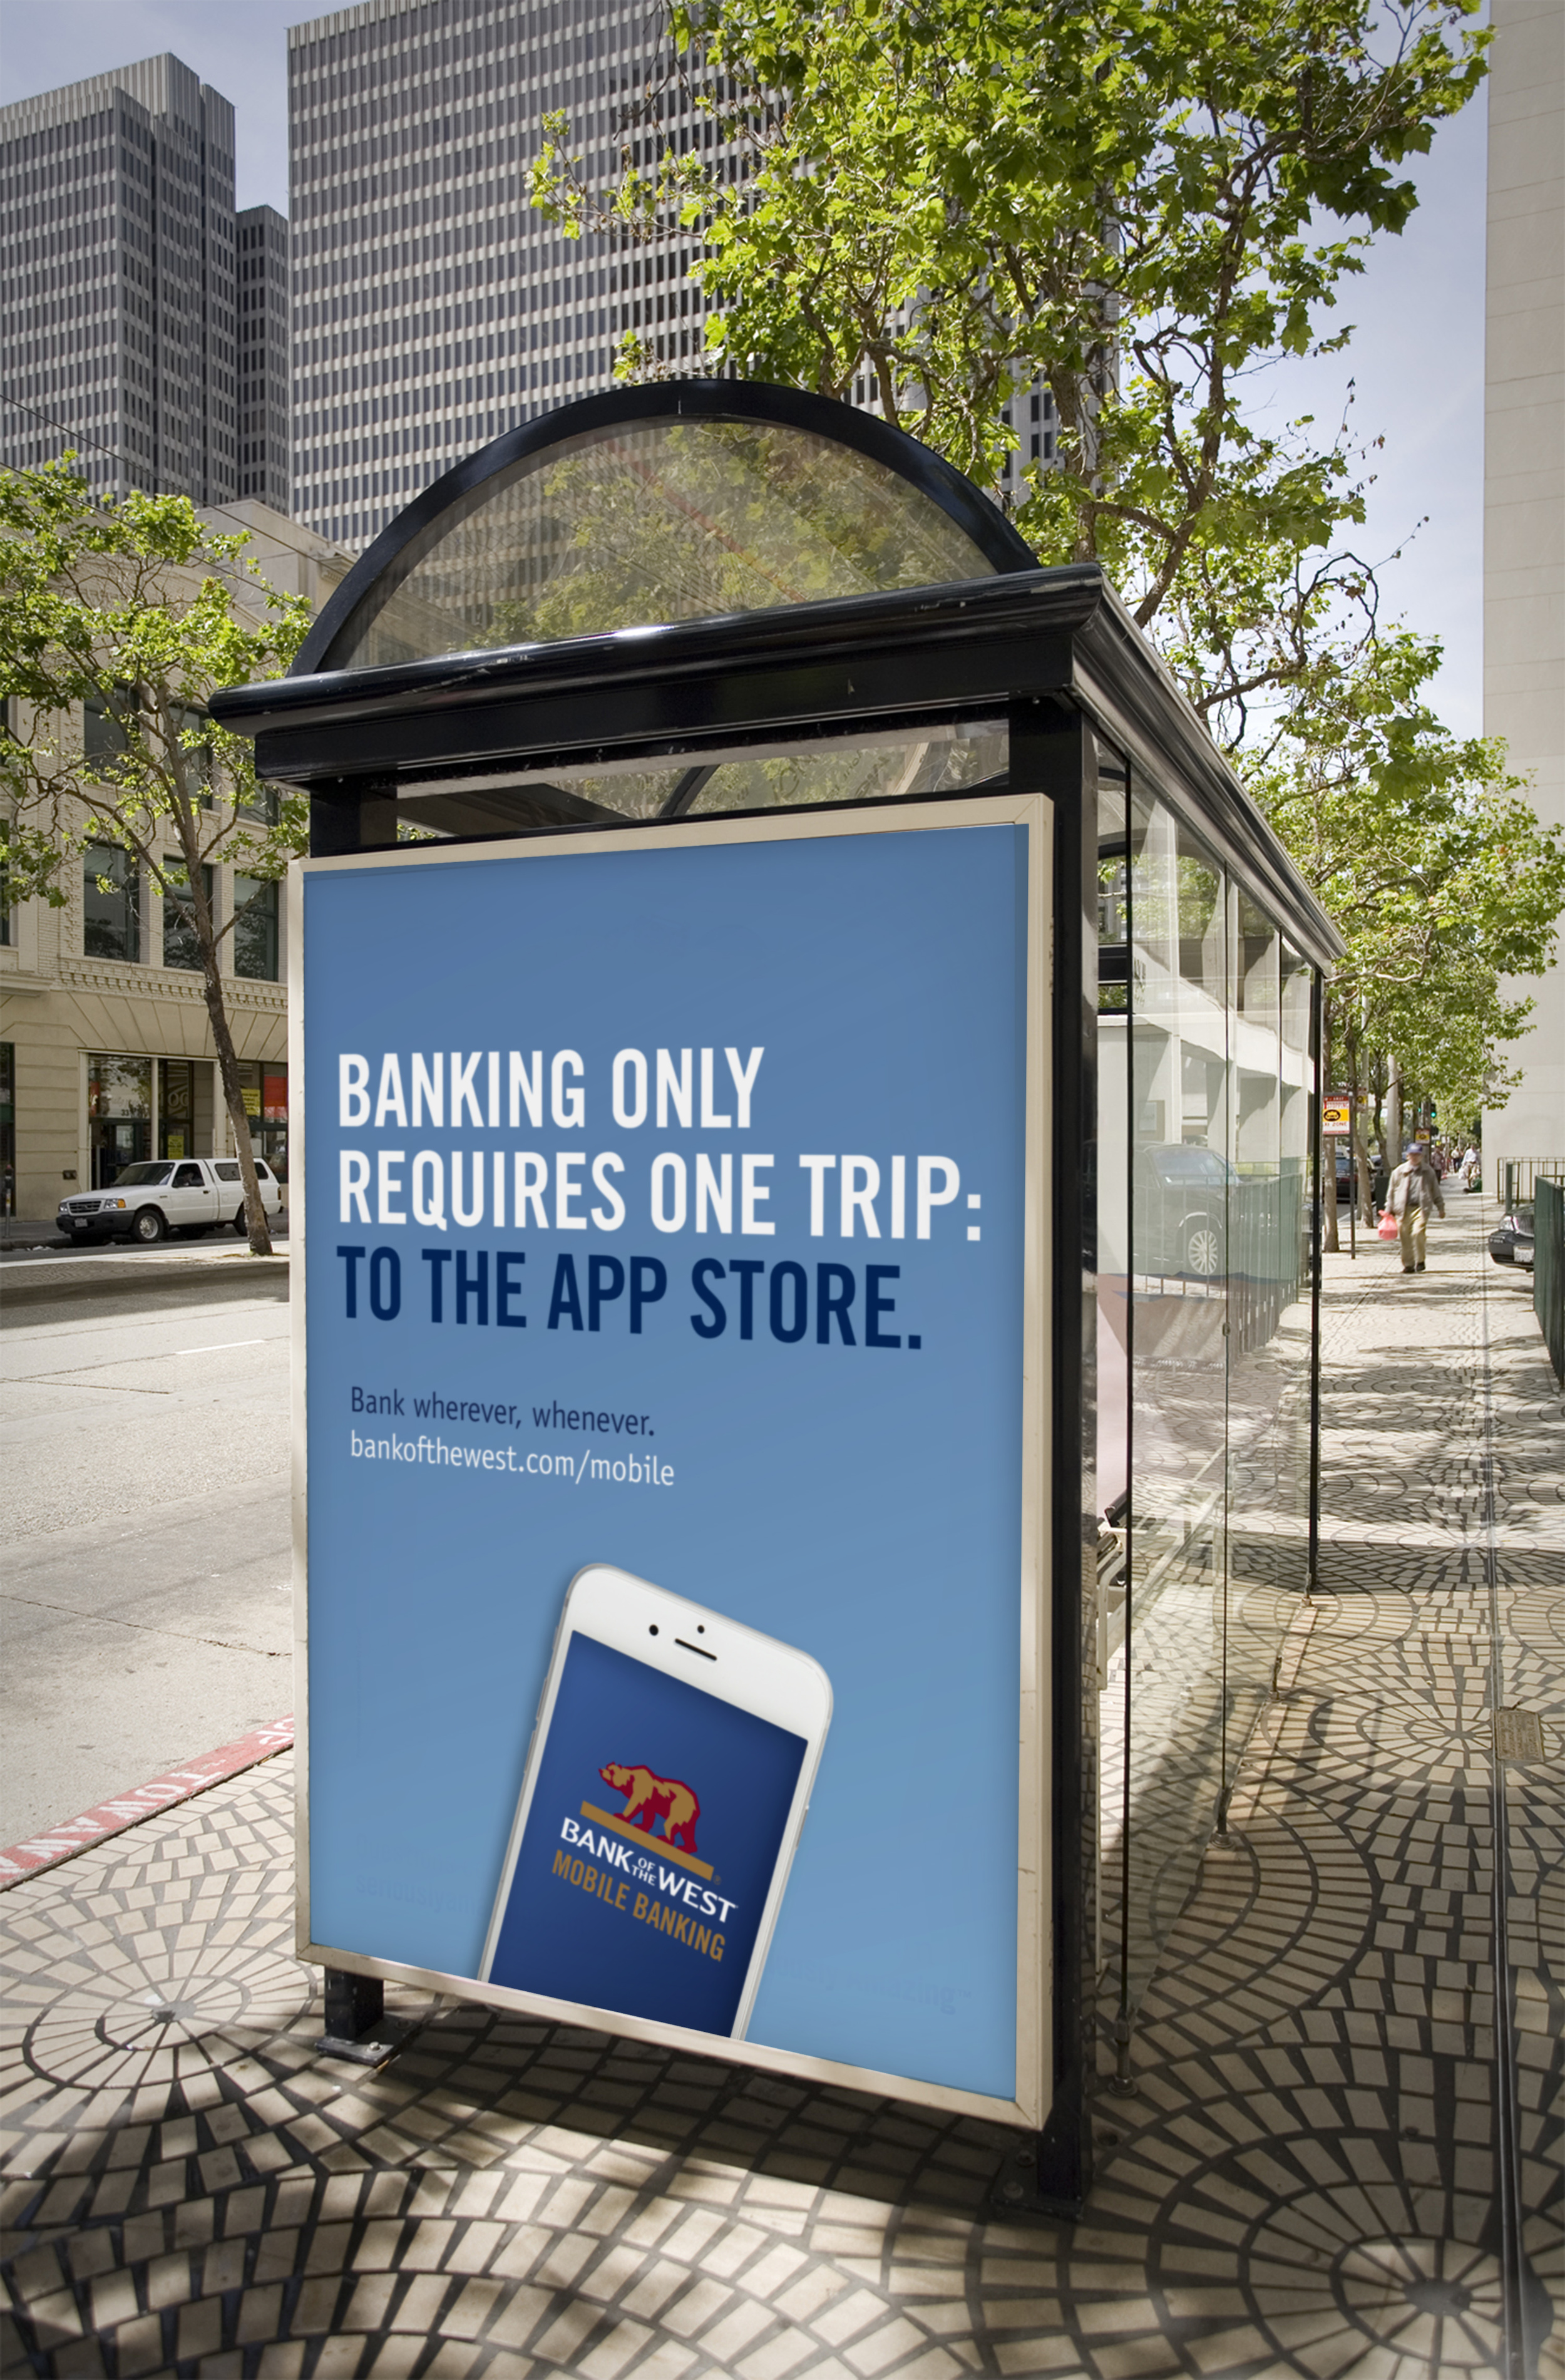 app store.jpg